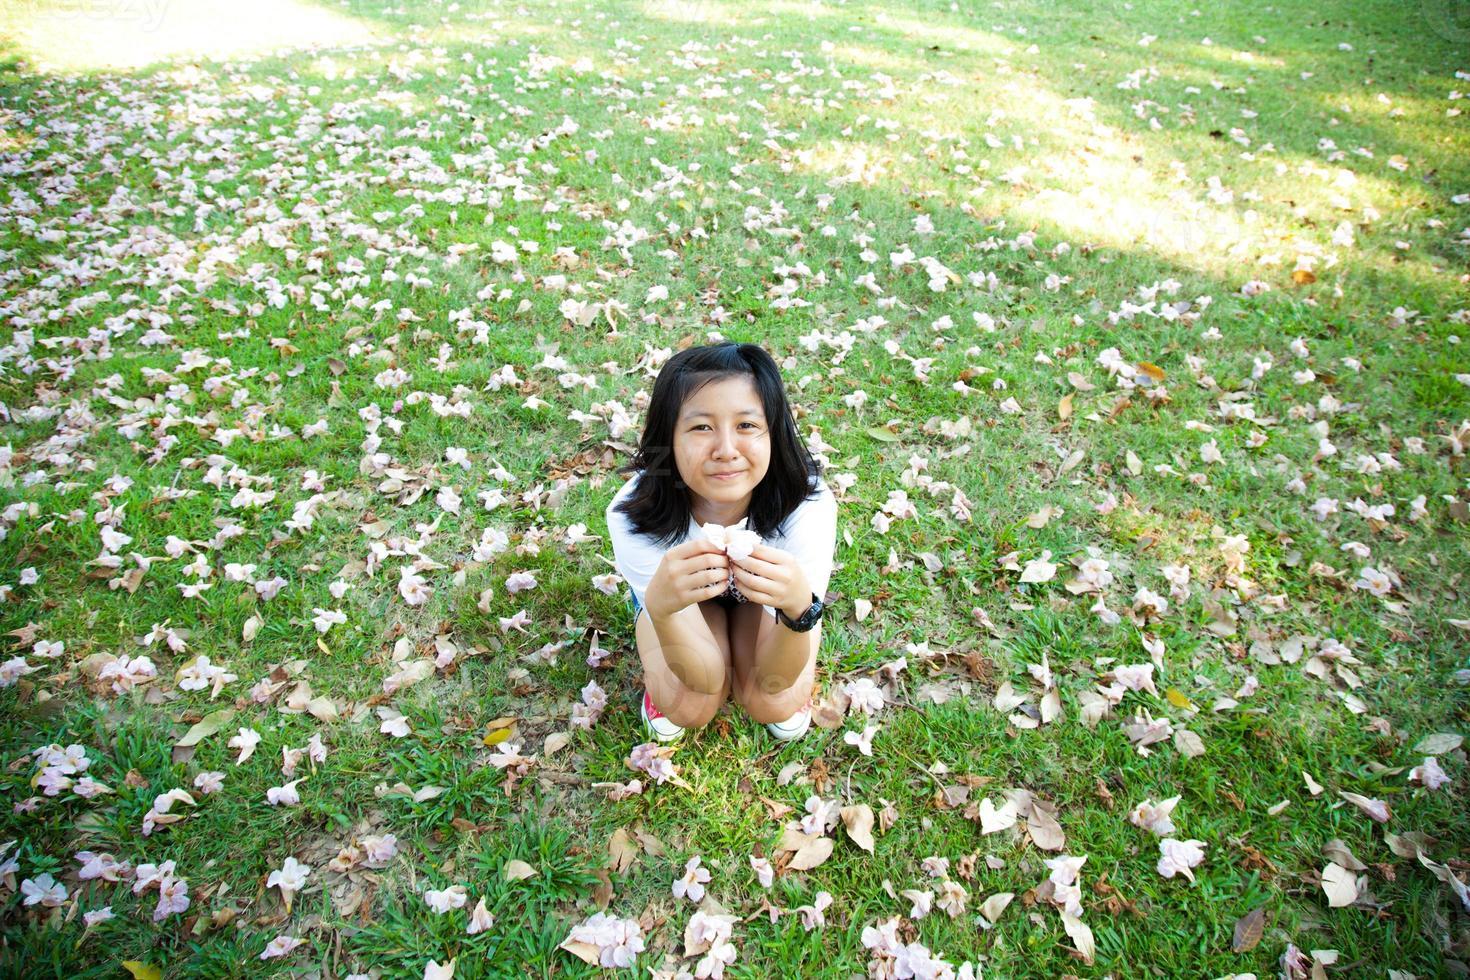 tonårsflicka sitter på gräset foto